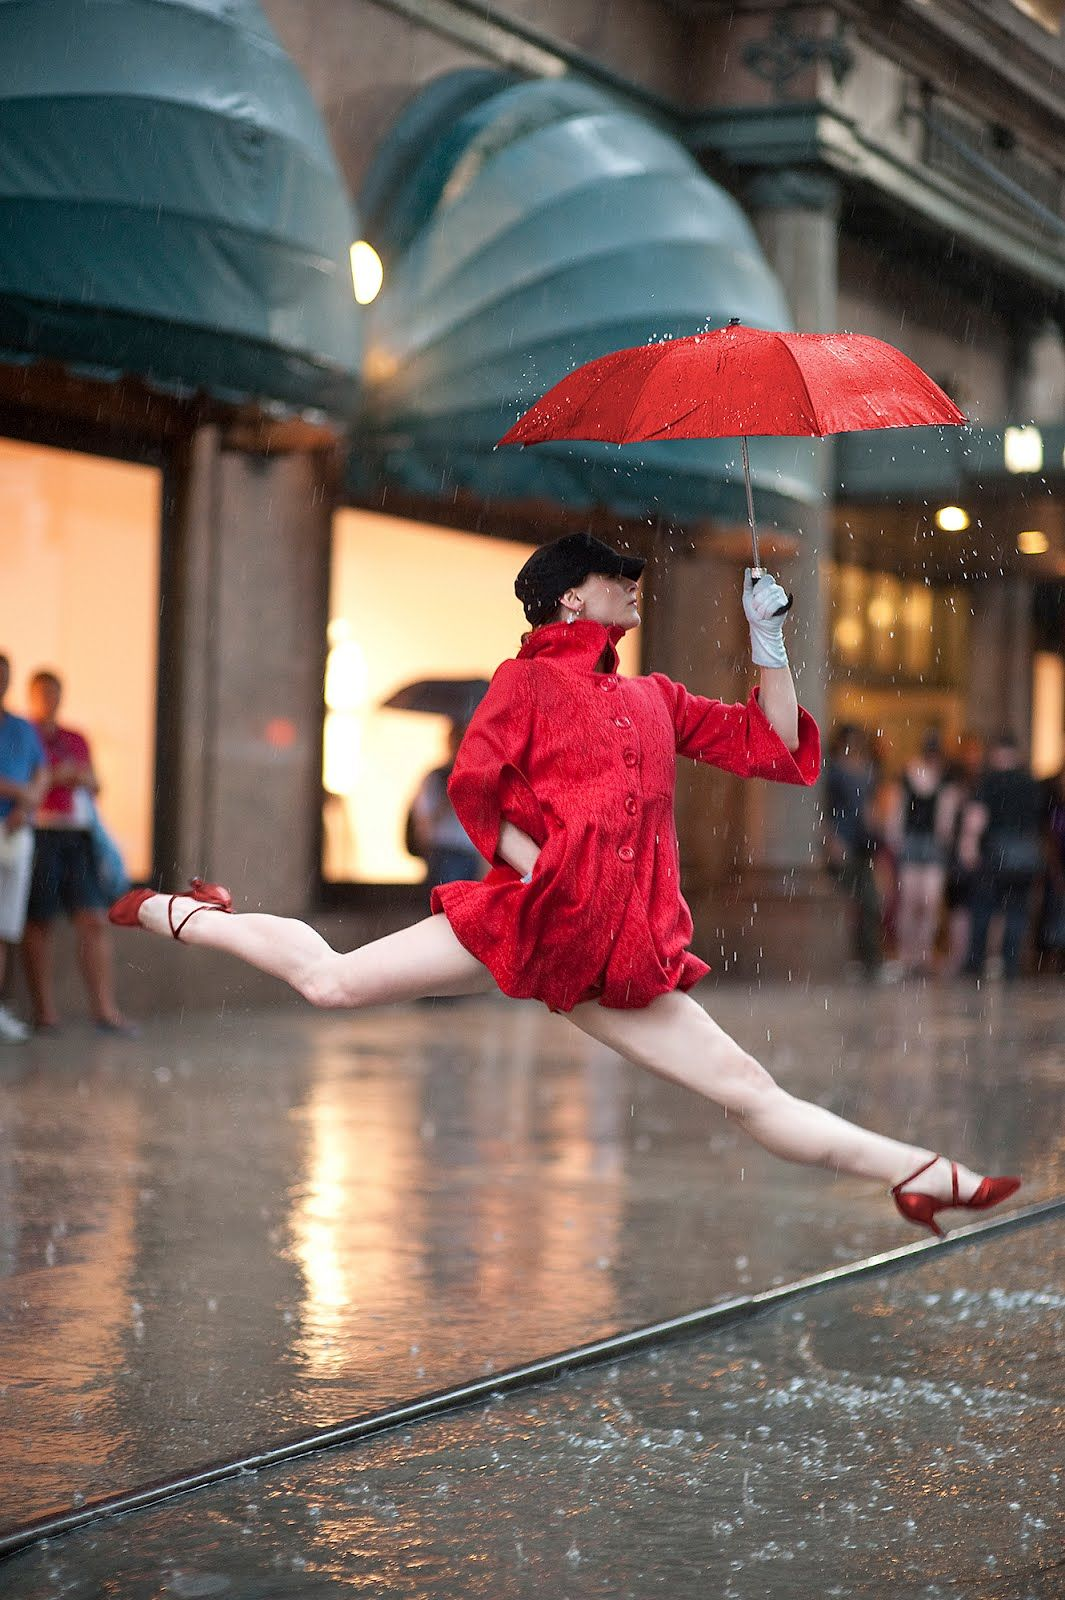 [Jordan Matter :: New York City Photographer] Just dancing in the rain